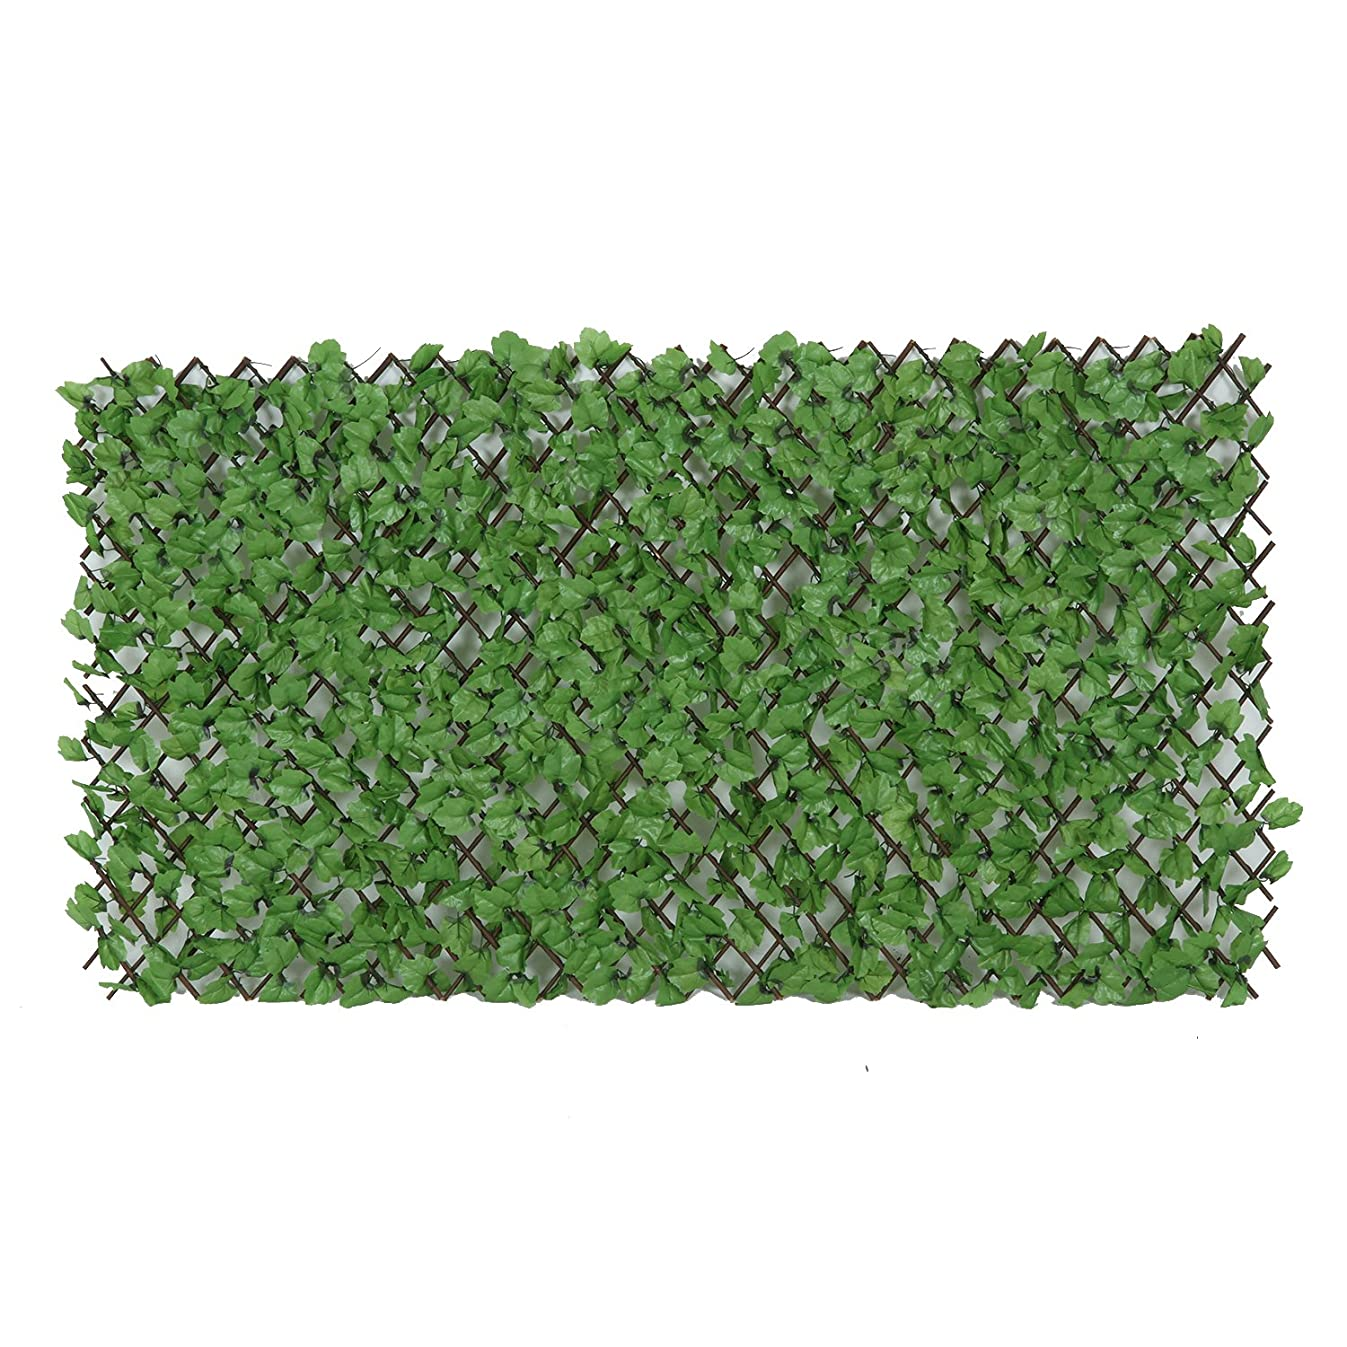 感情セグメント変装クラーク リサイクルプラヘゴ ガーデングリーン φ5.5×90cm